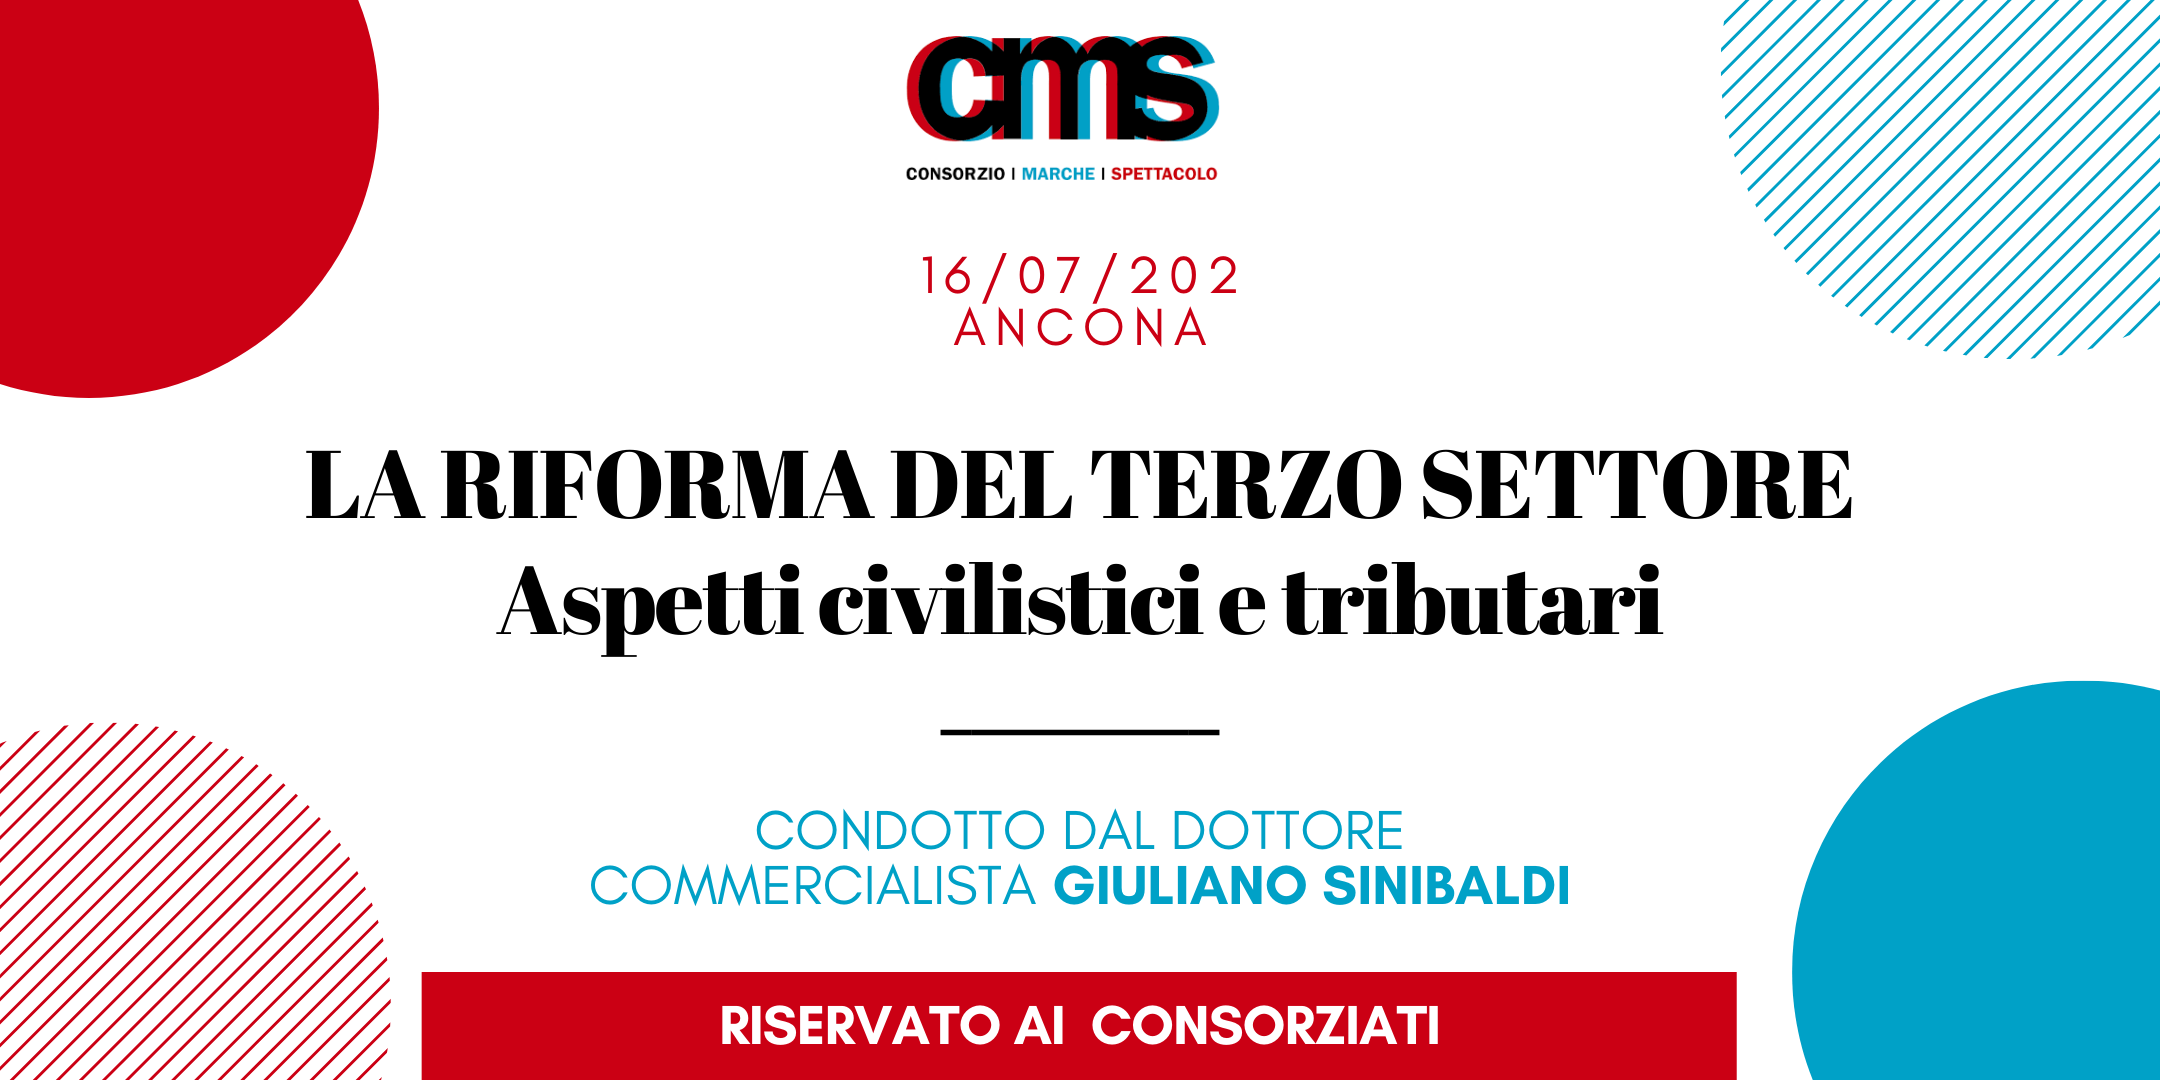 La_riforma_del_terzo_settore_for_change_5_